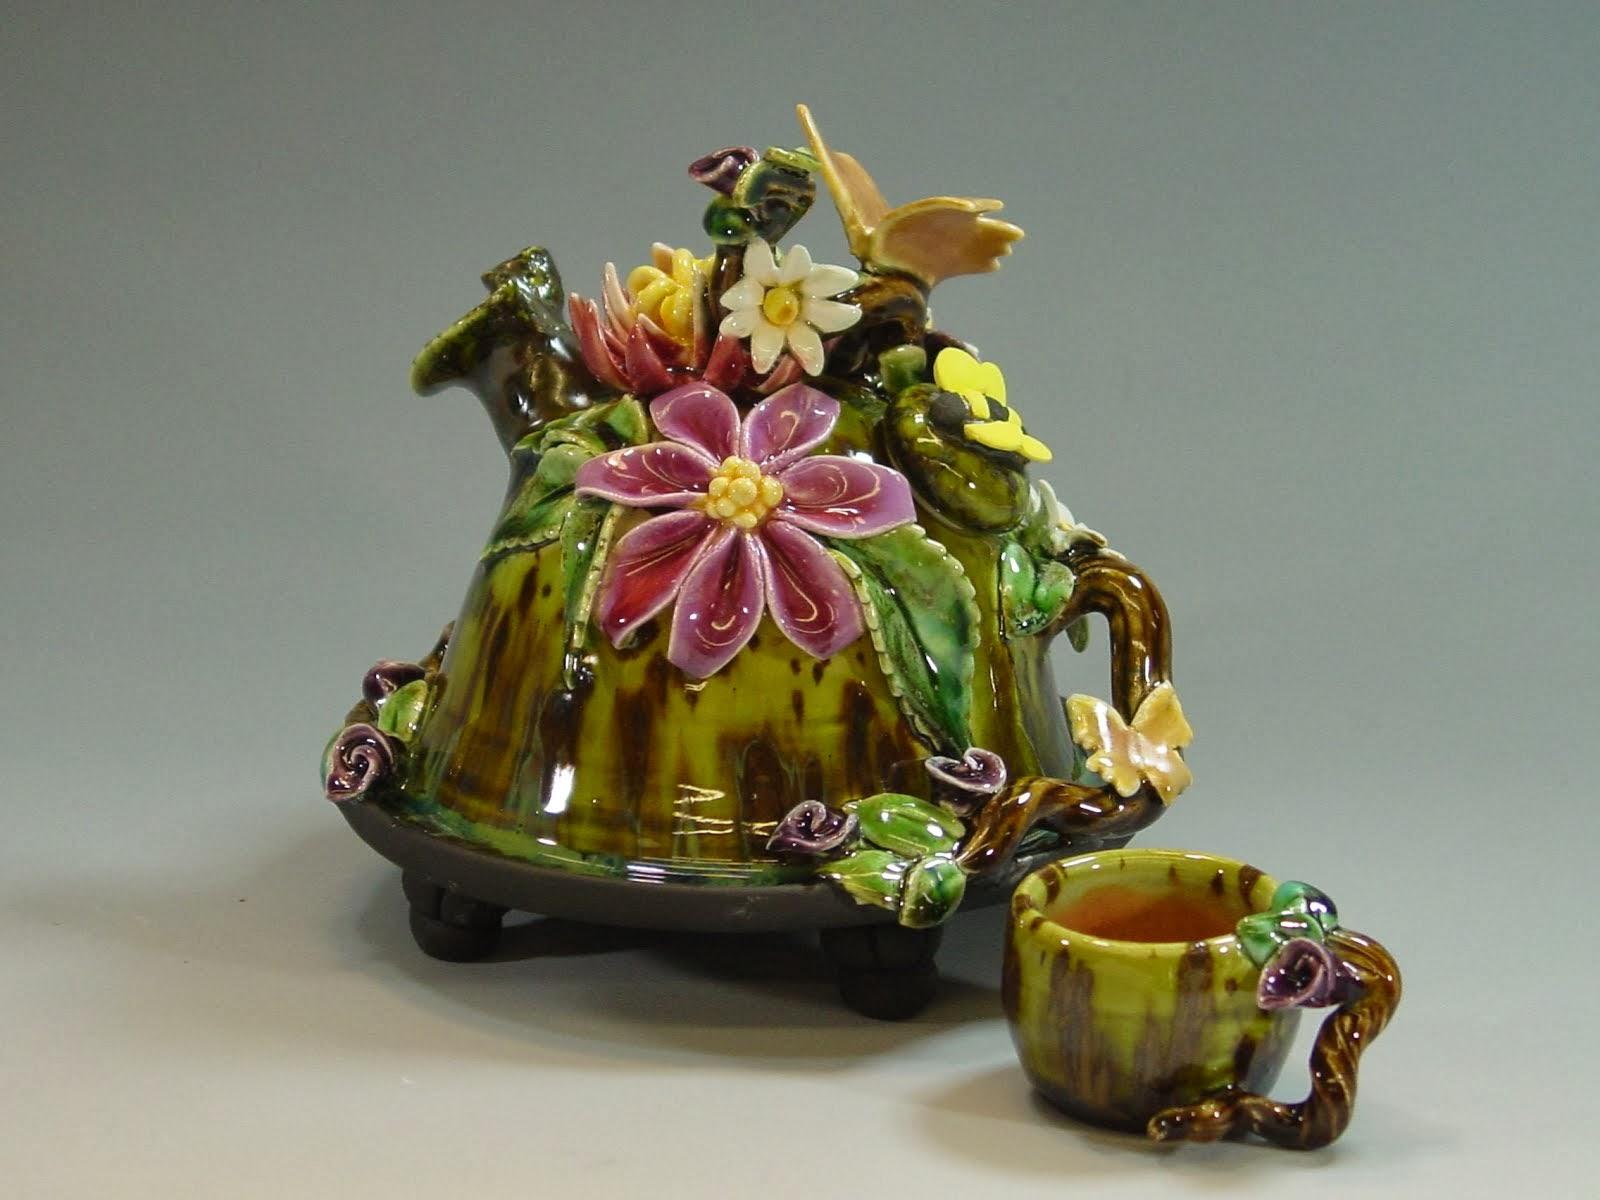 Garden Party & Teacup